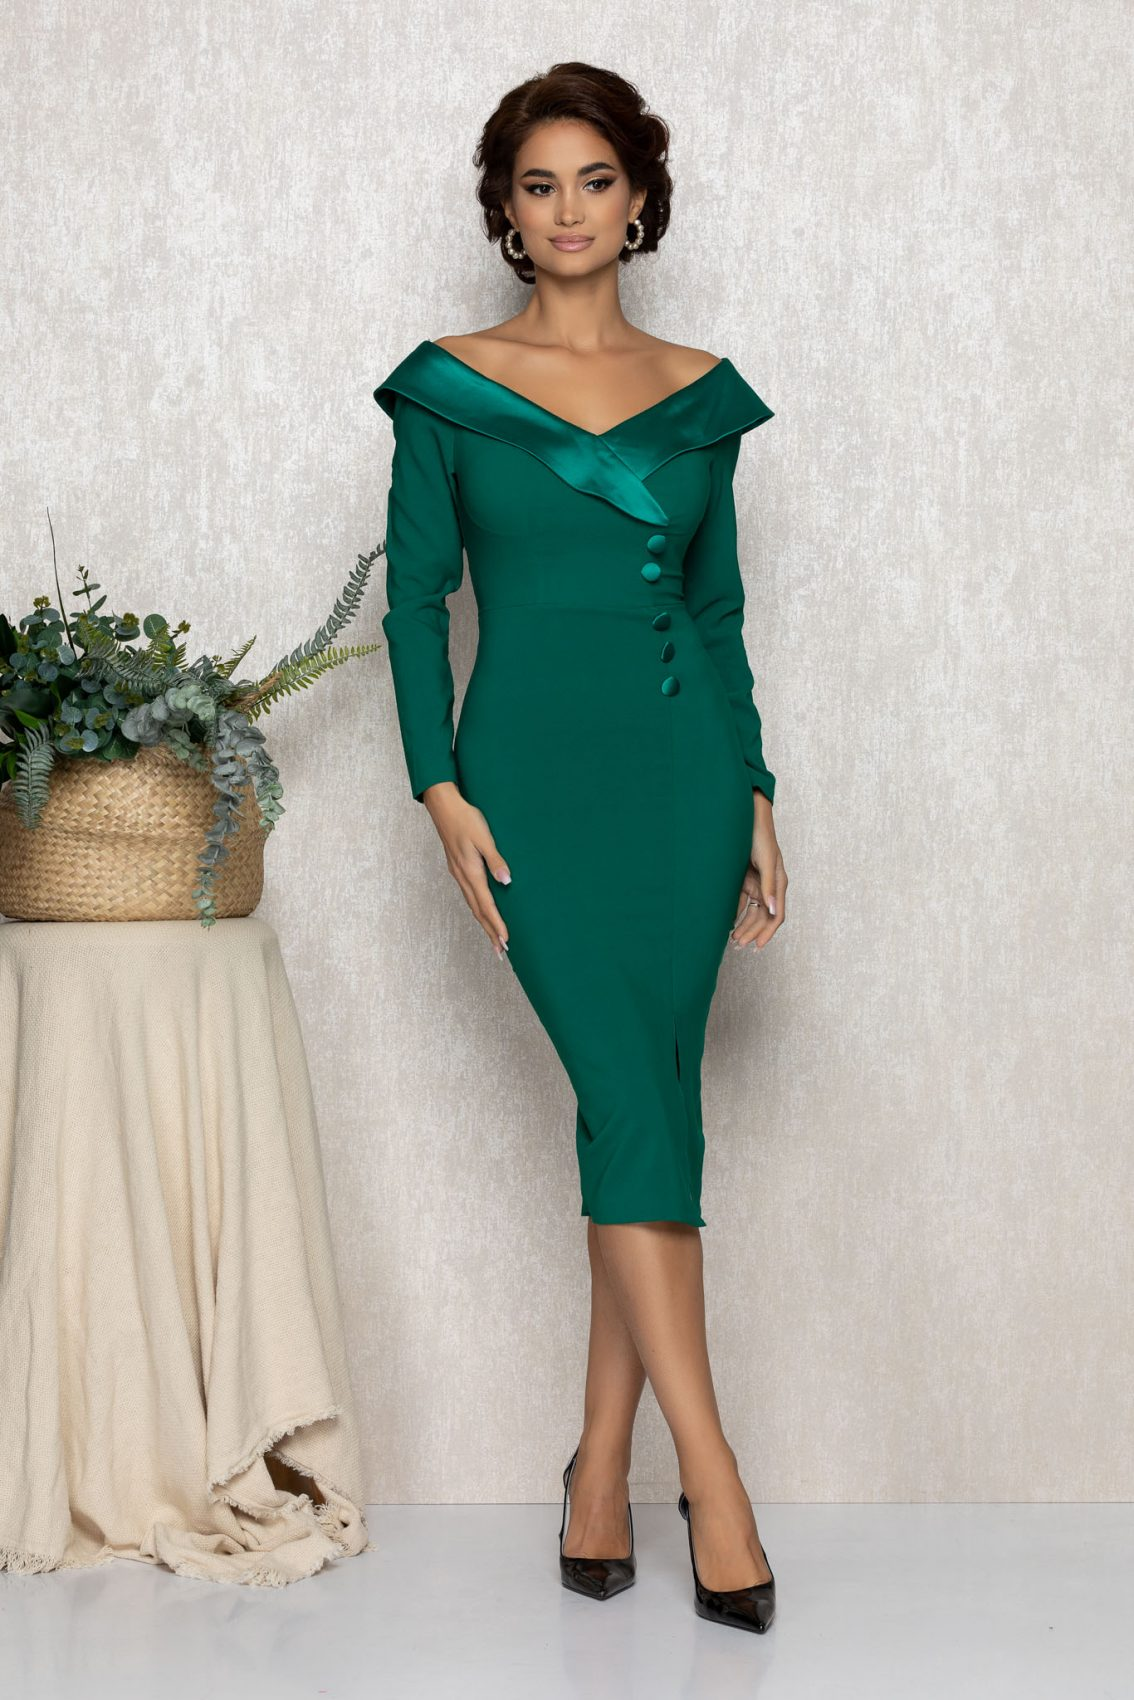 Πράσινο Μίντι Μακρυμάνικο Αμπιγιέ Φόρεμα Felly T167 1